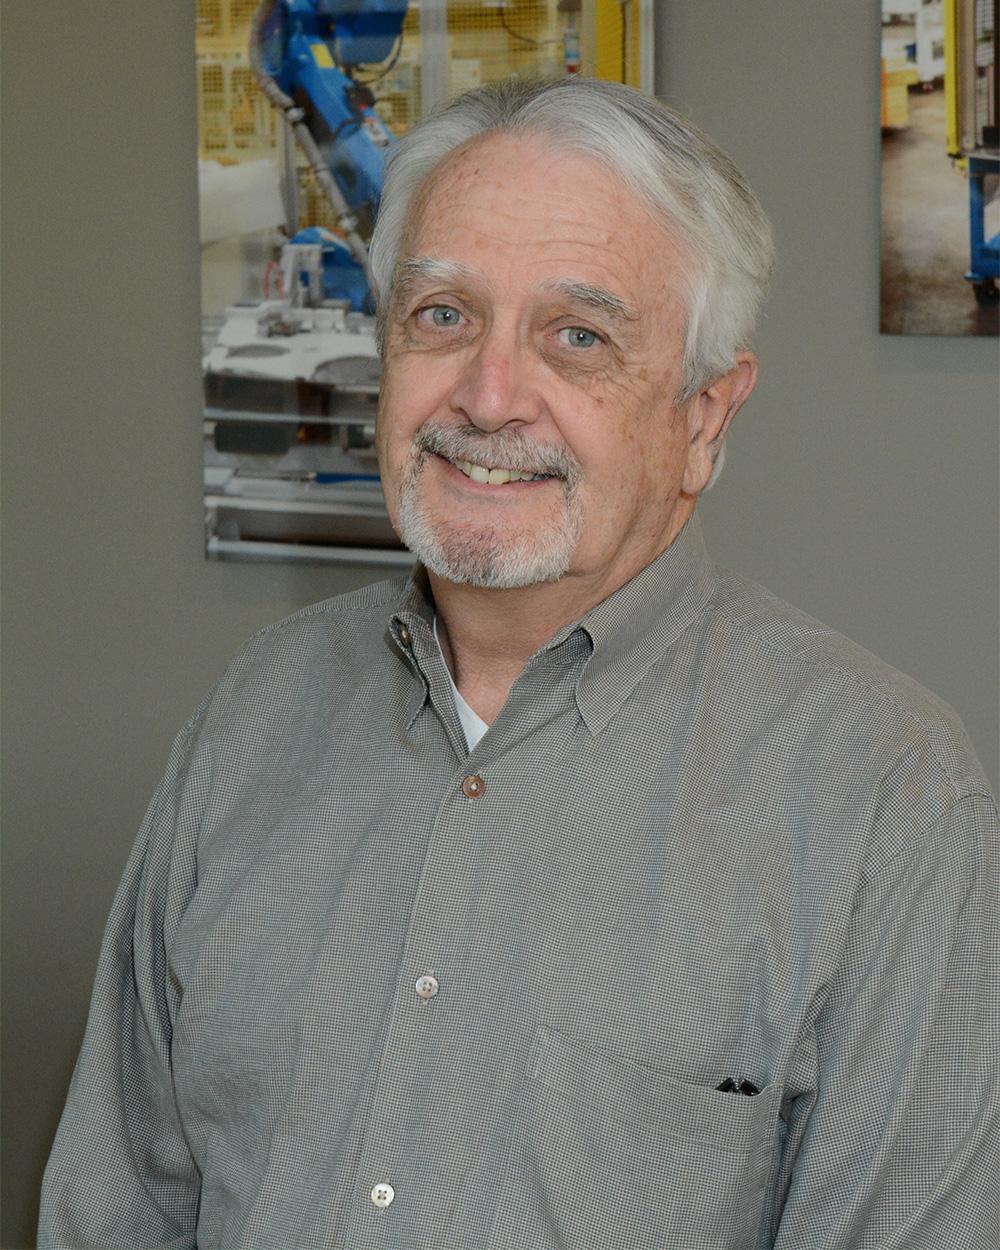 Bruce Hackett